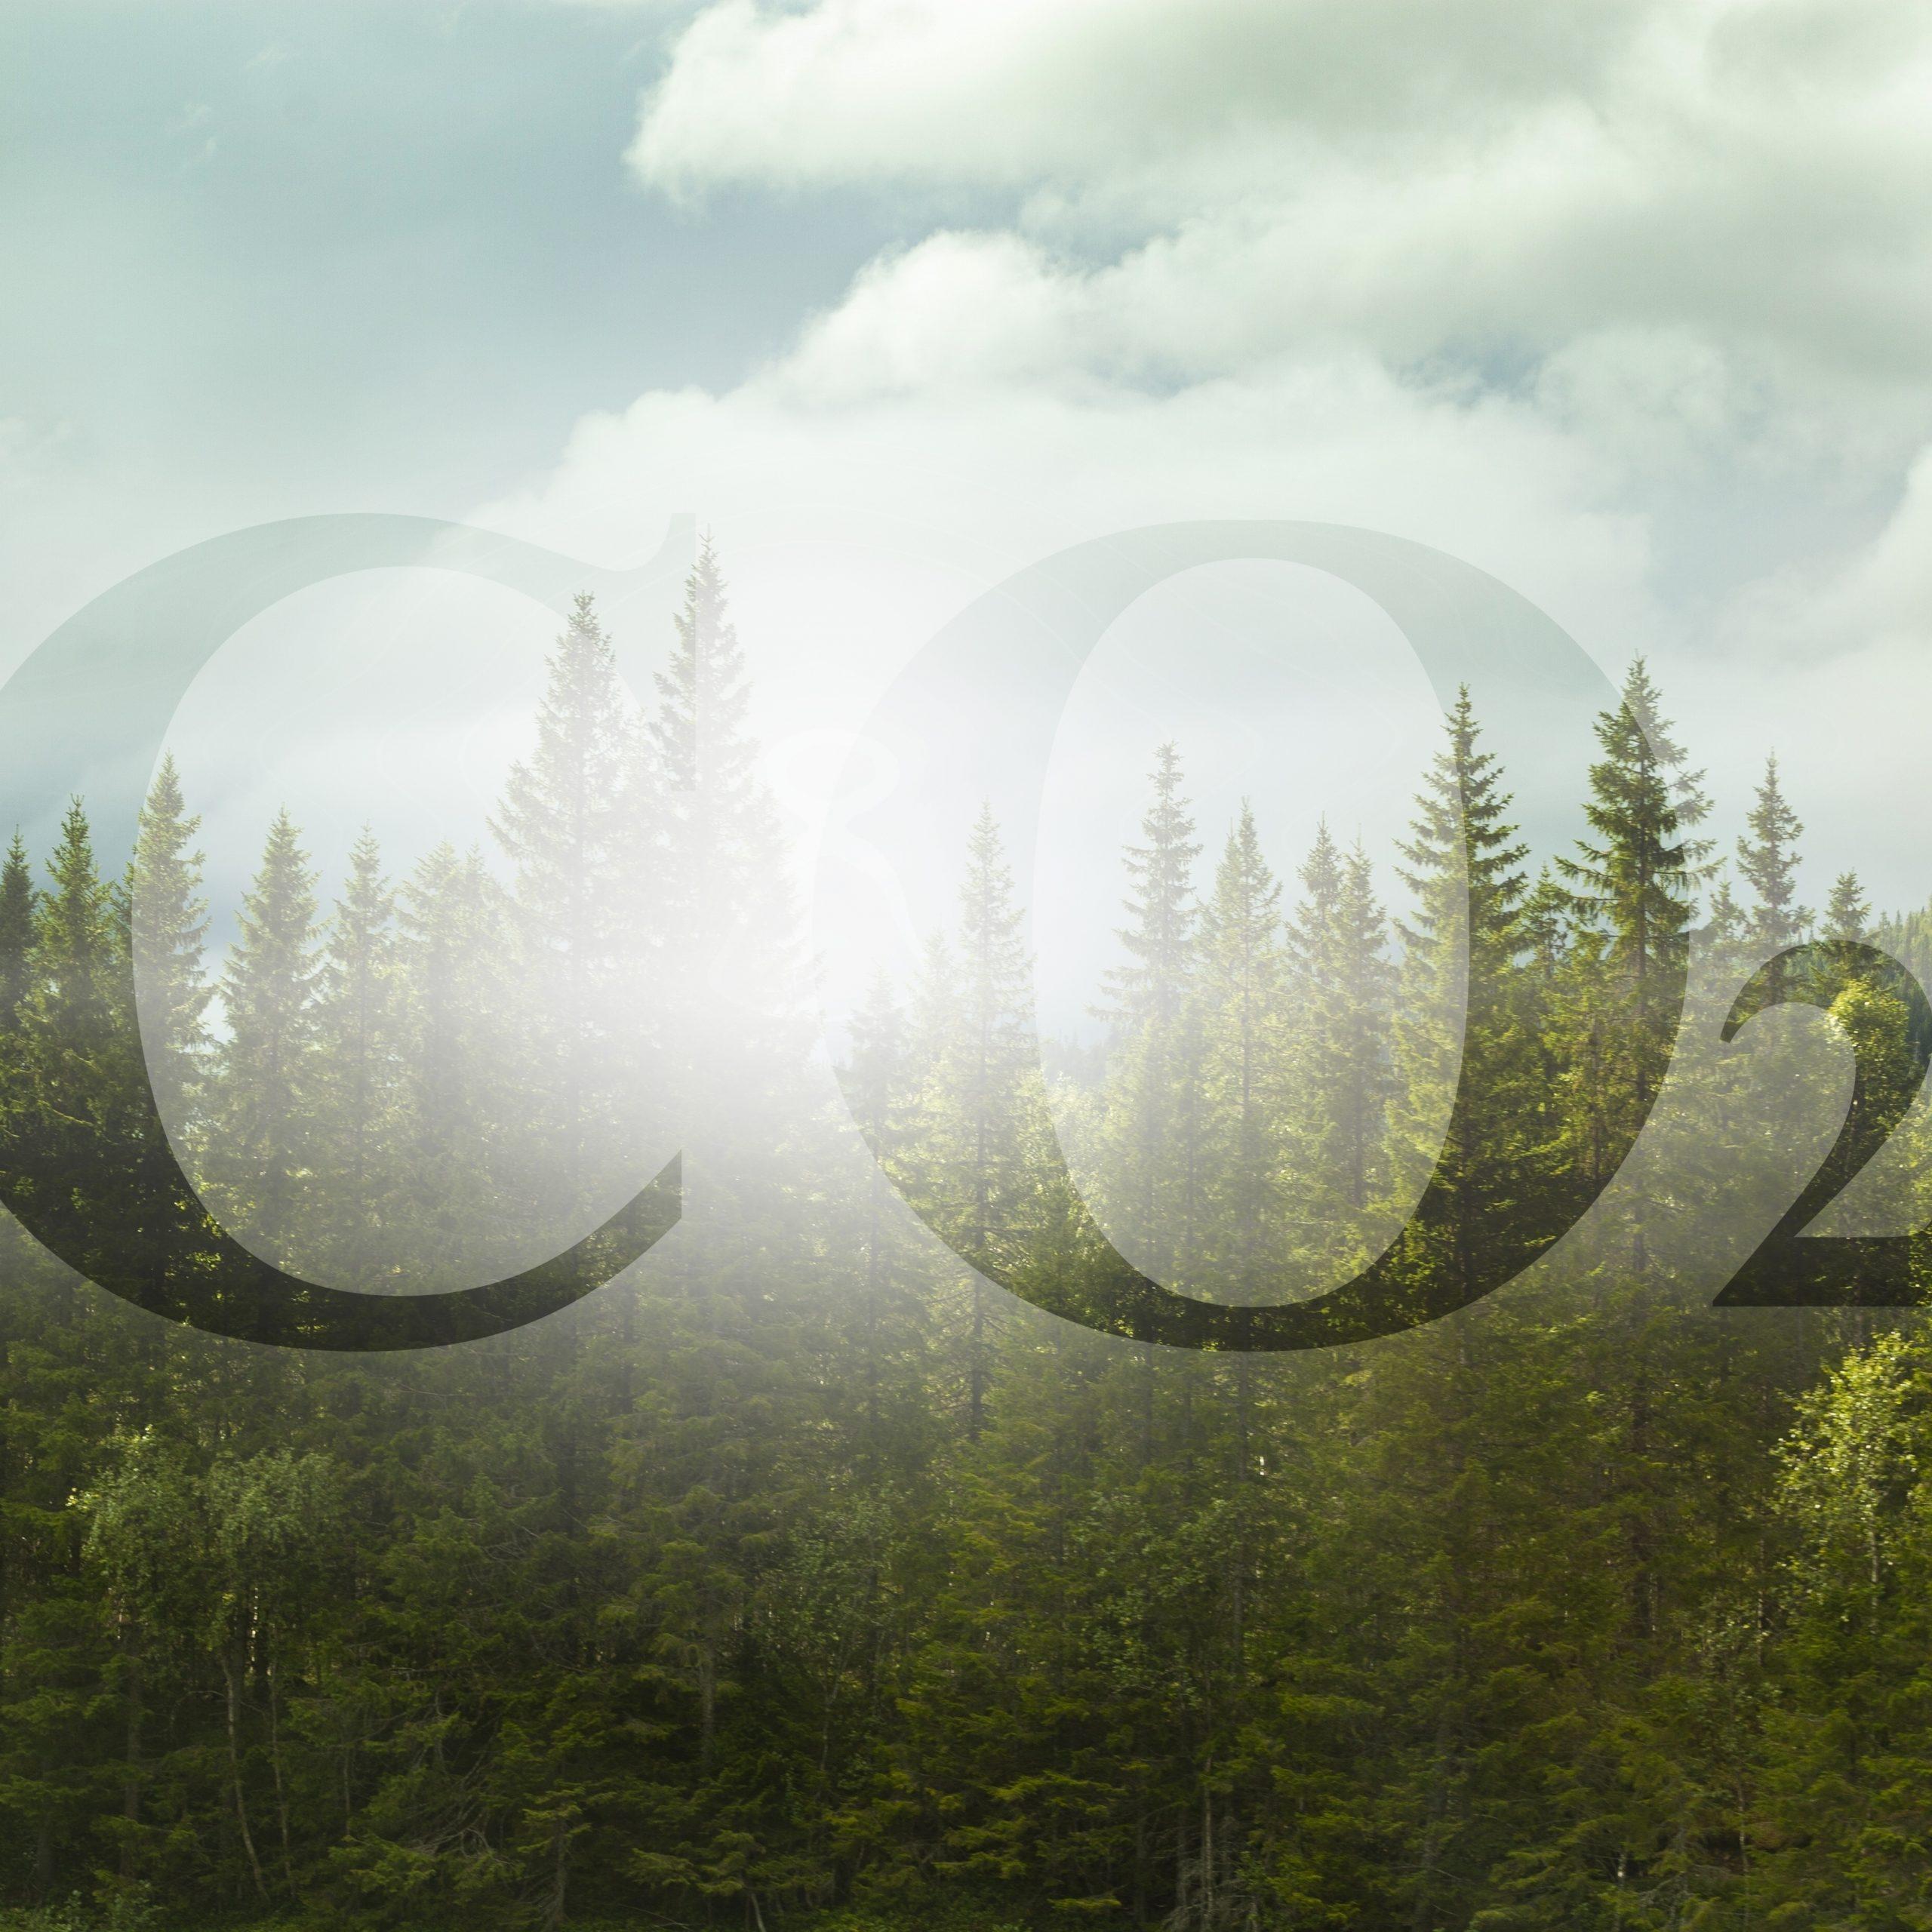 Studie analysiert den Einfluss von CO2 auf das Klima im Eozän